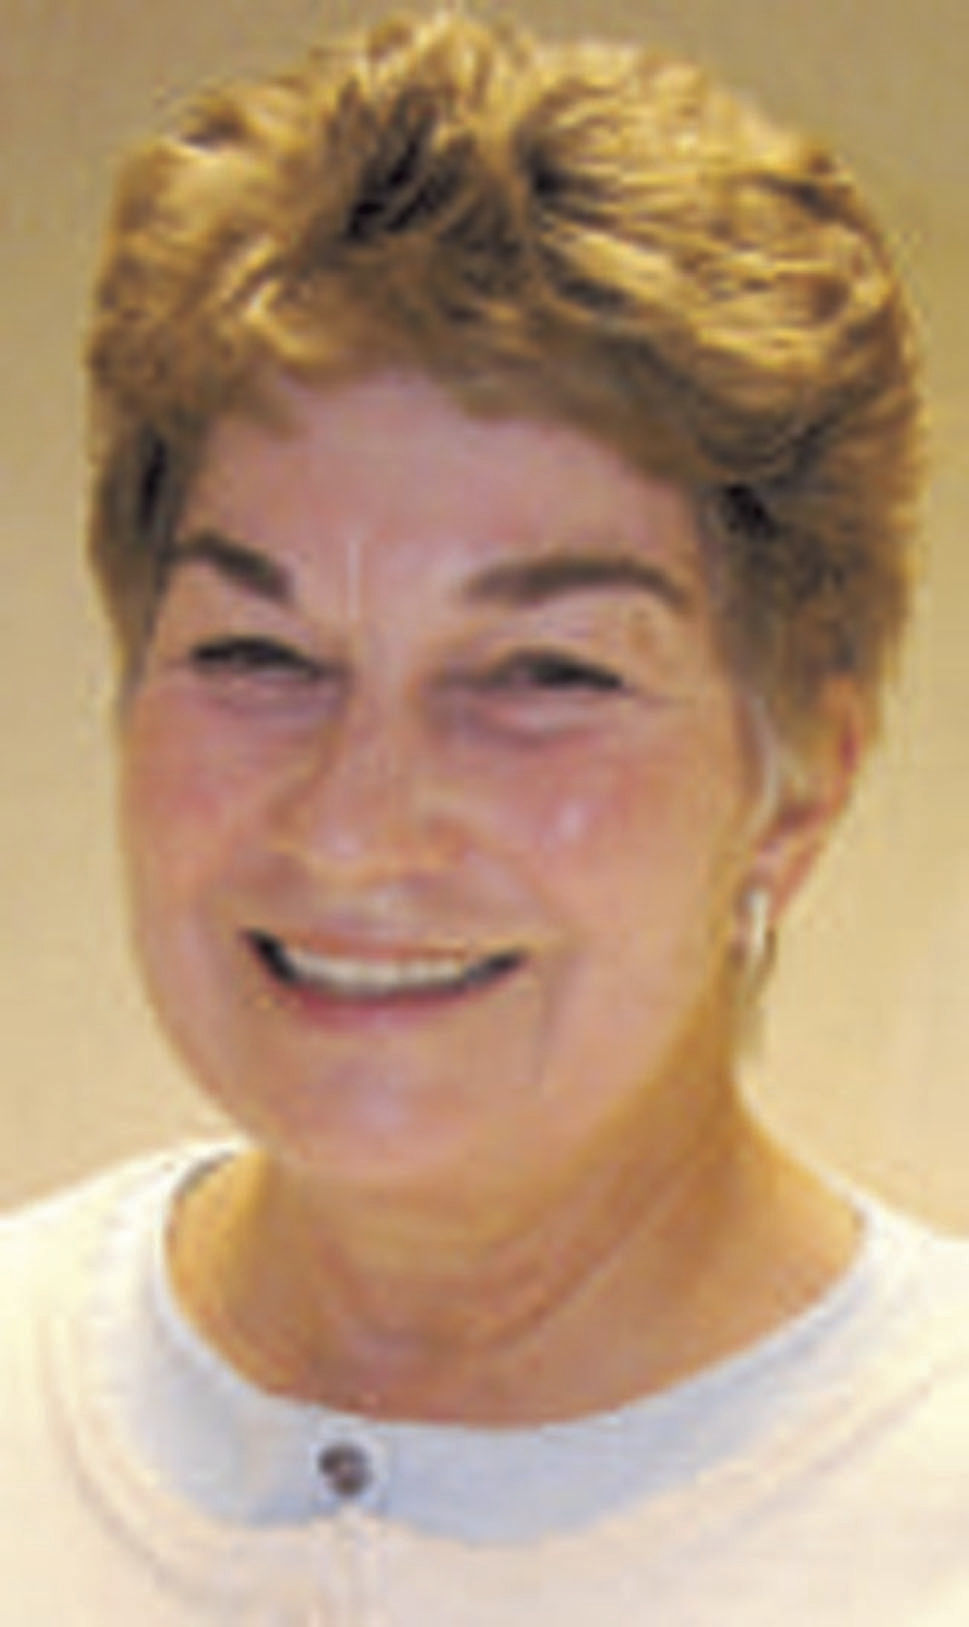 Mrgich, Barbara